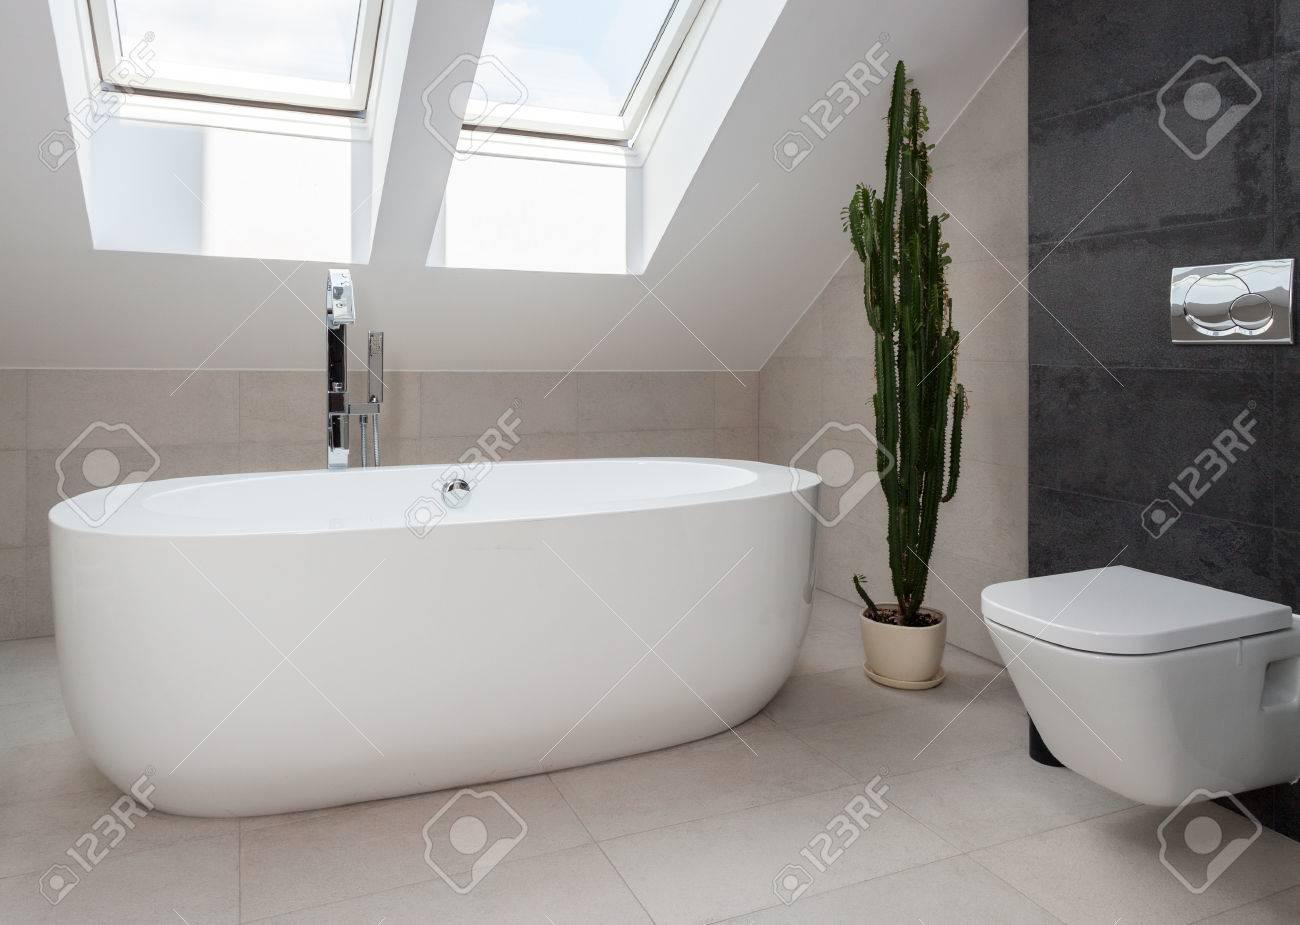 Freistehende Badewanne In Weiß Gestaltet Modernes Badezimmer ...